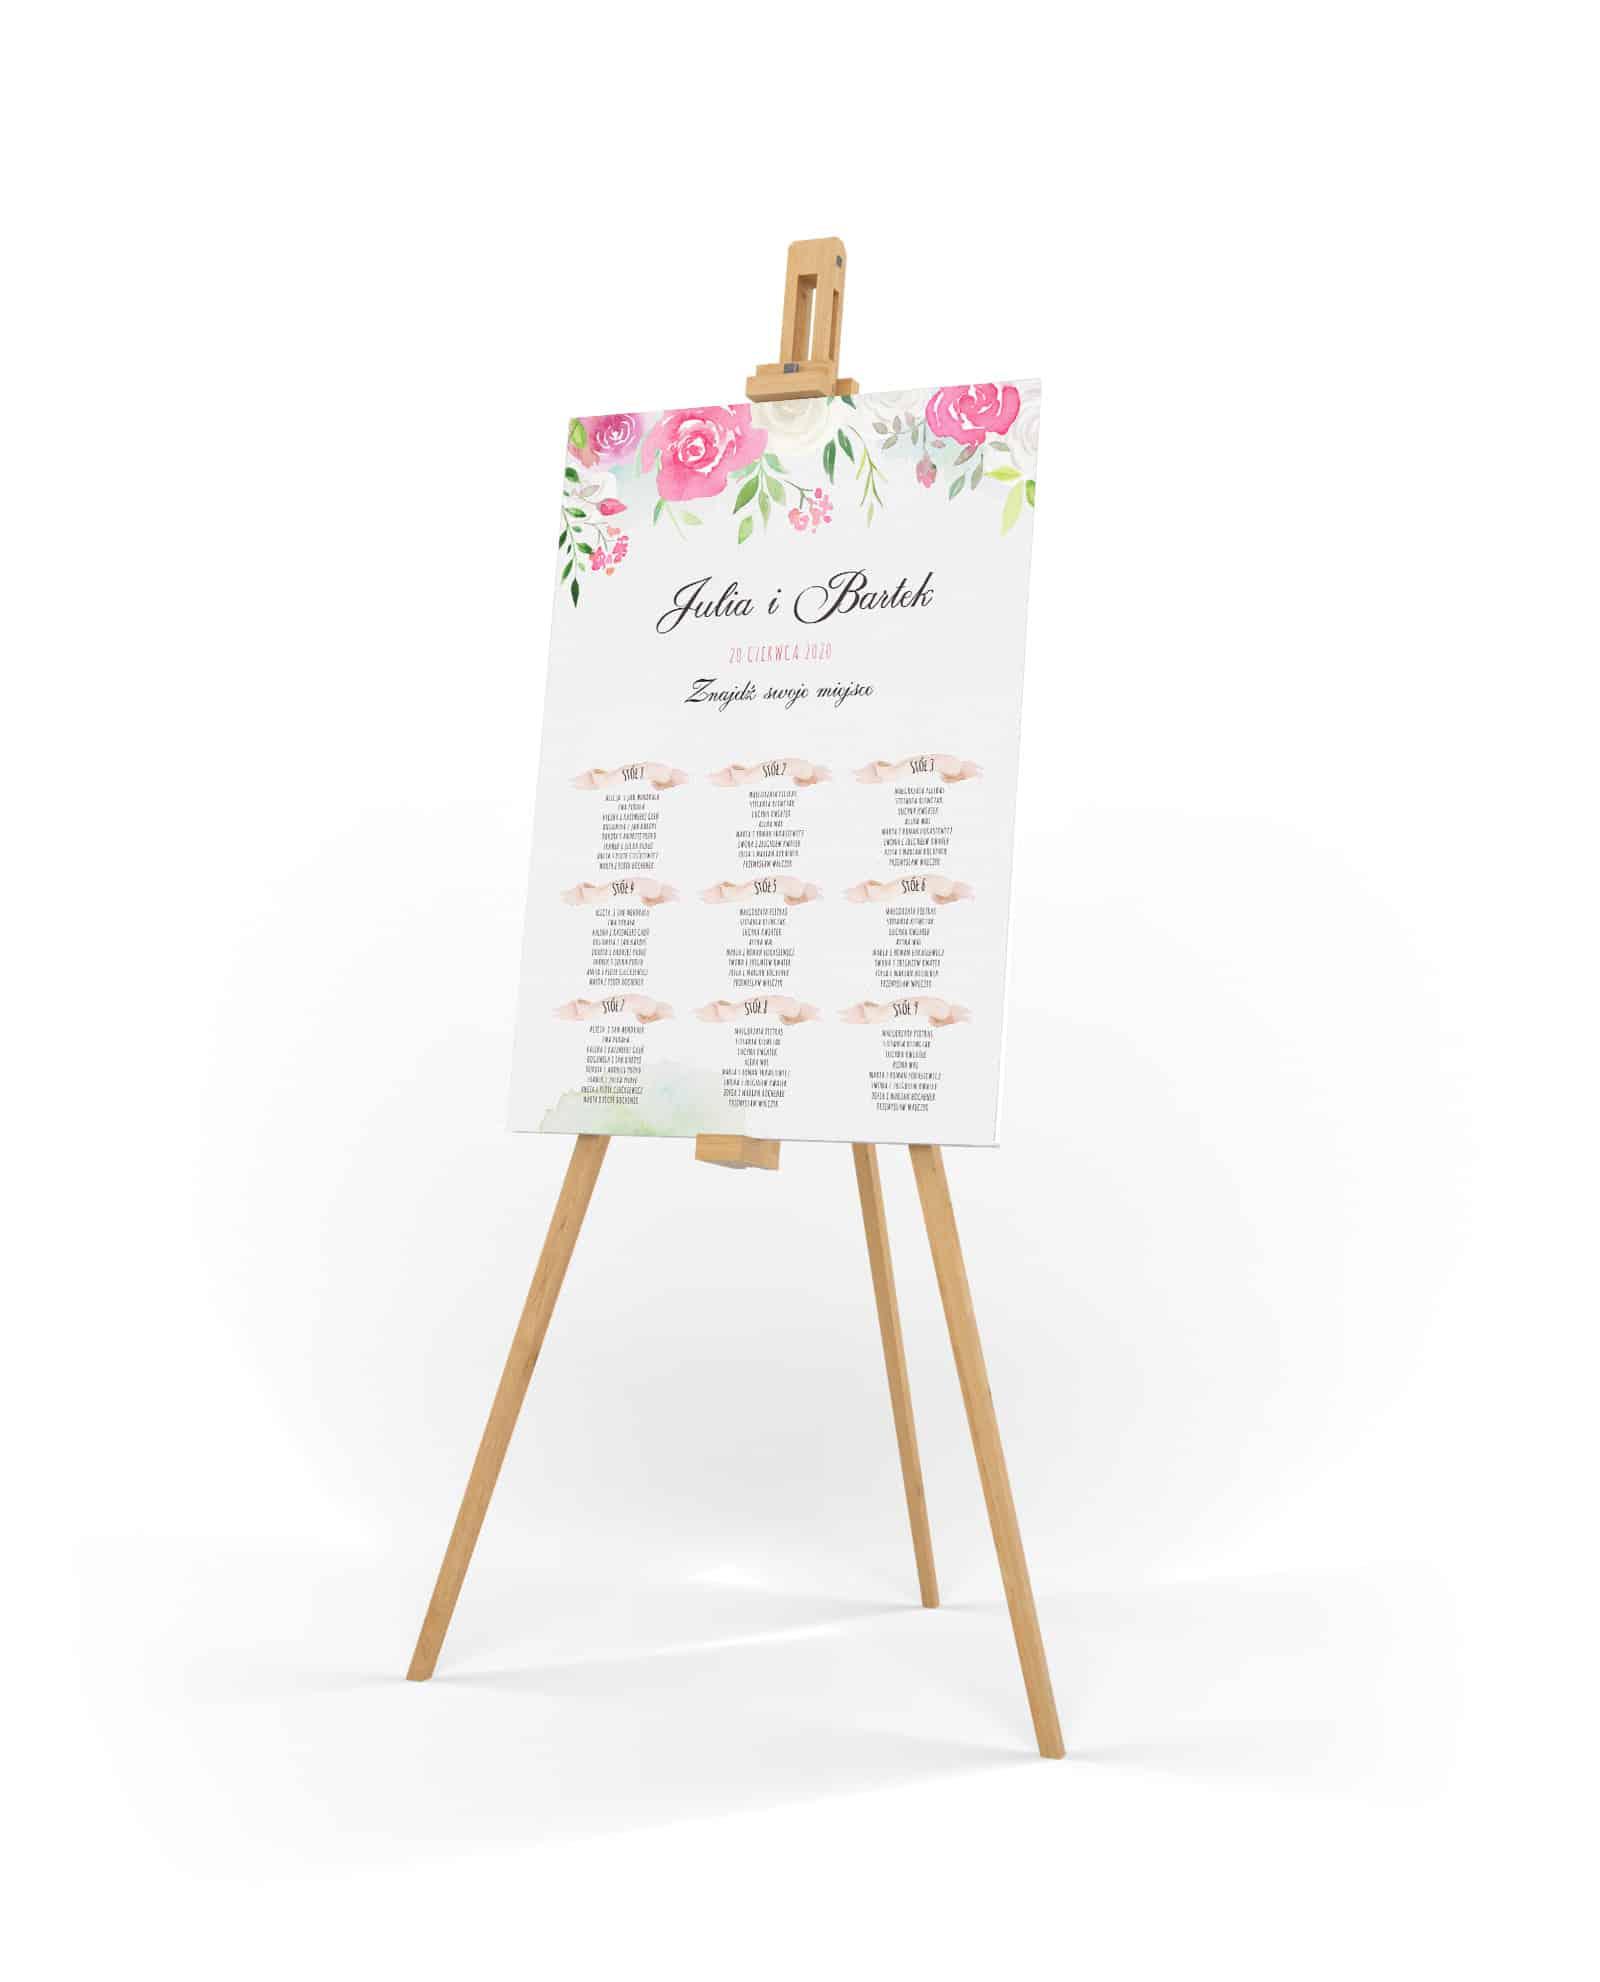 Kwiatowy plan usadzenia gości weselnych z rozmieszczeniem według numerów stołów